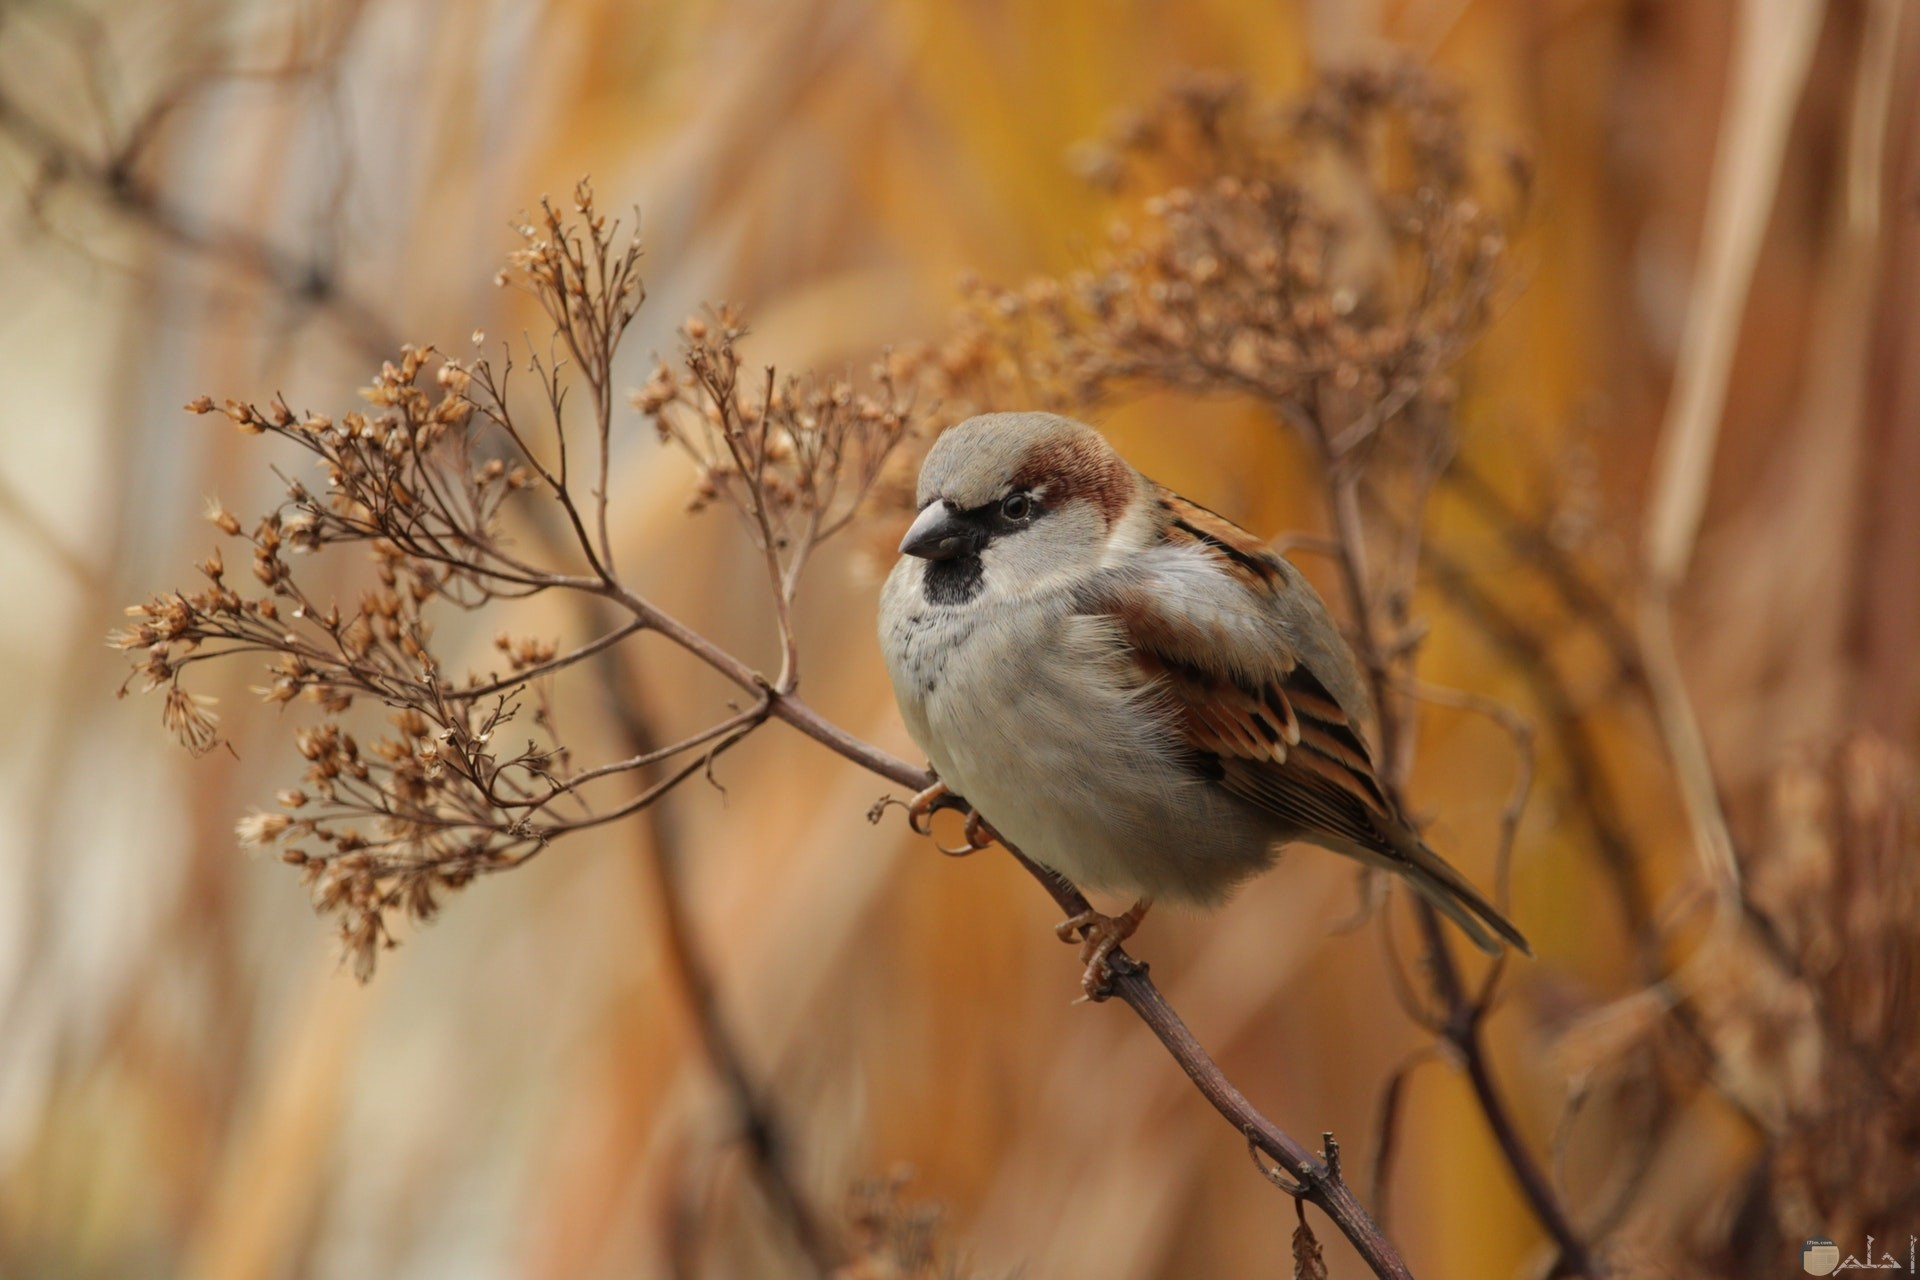 صورة مميزة جدا لطائر رمادي جميل واقف علي غصن شجرة